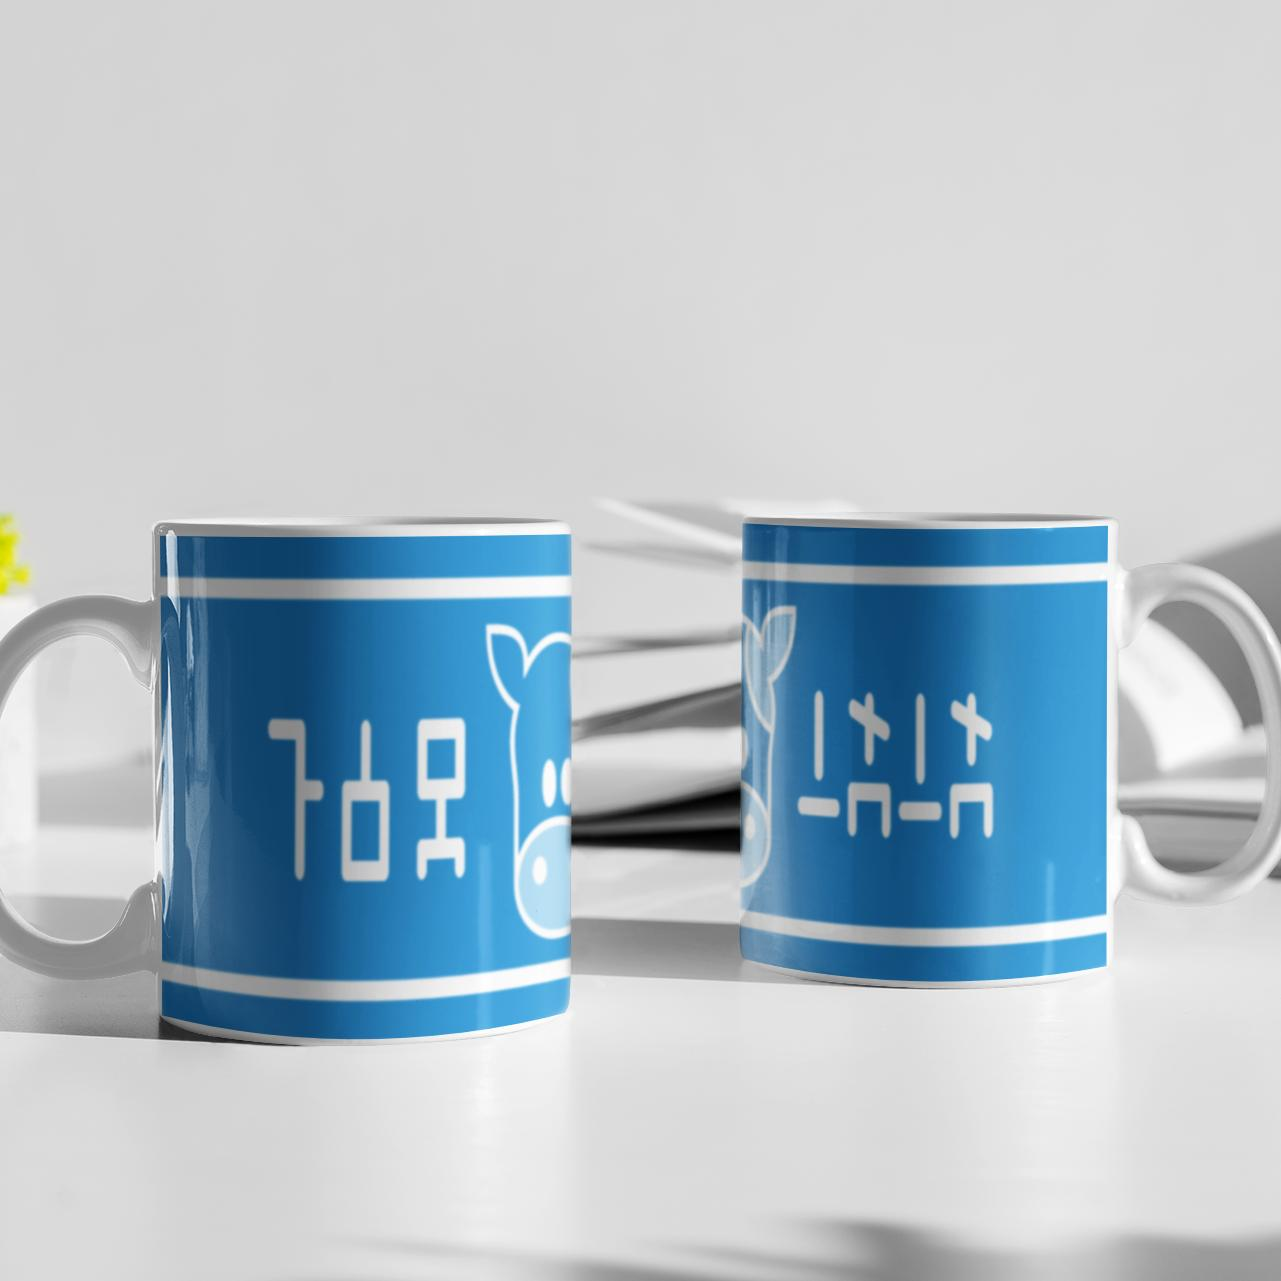 lon lon milk coffee mug 11 oz